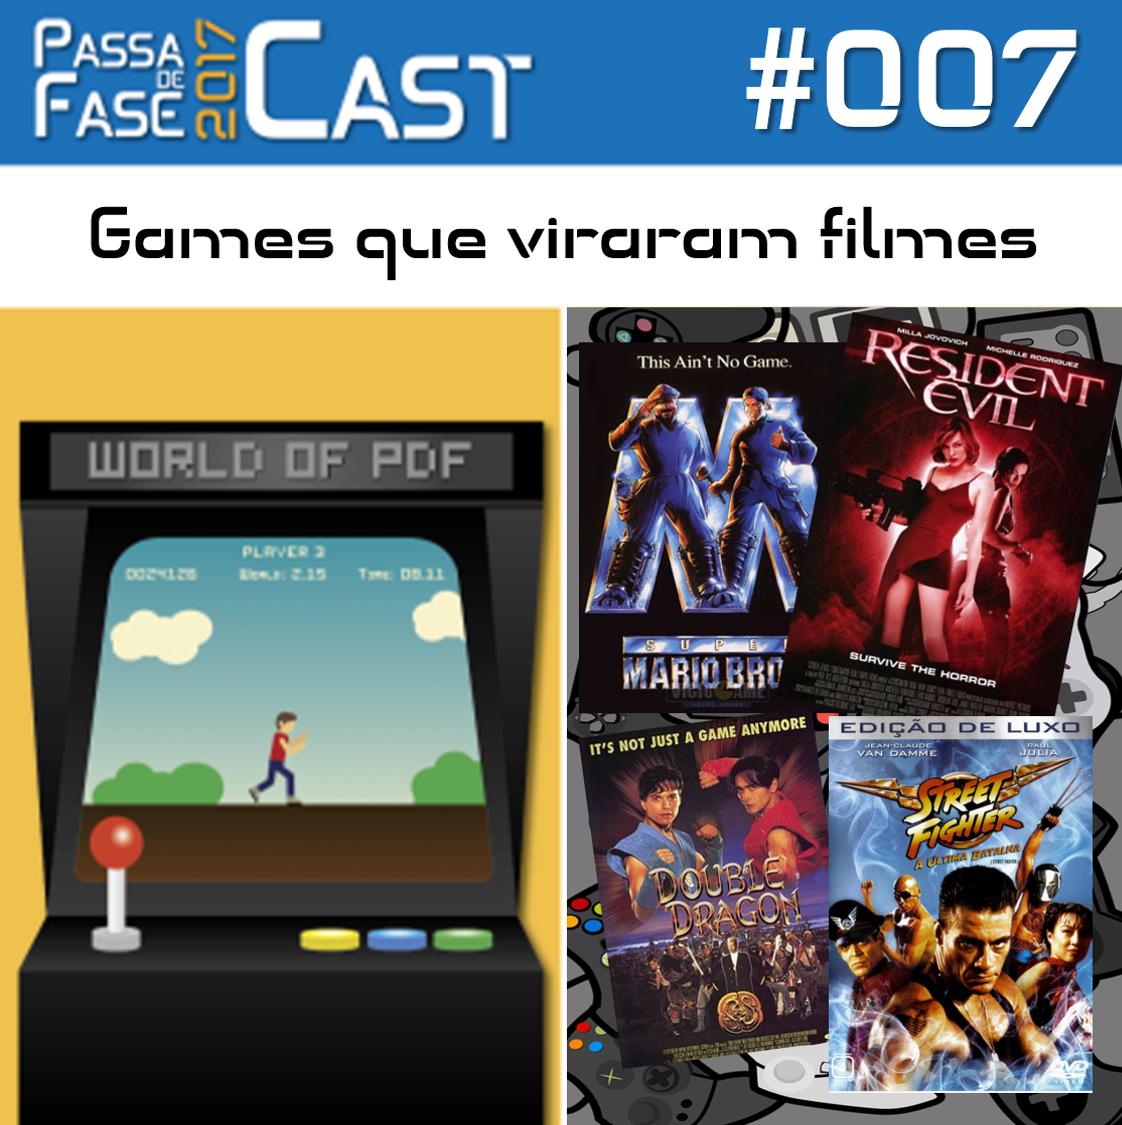 Passa de Fase Cast 2017 #007 | Games que viraram filmes